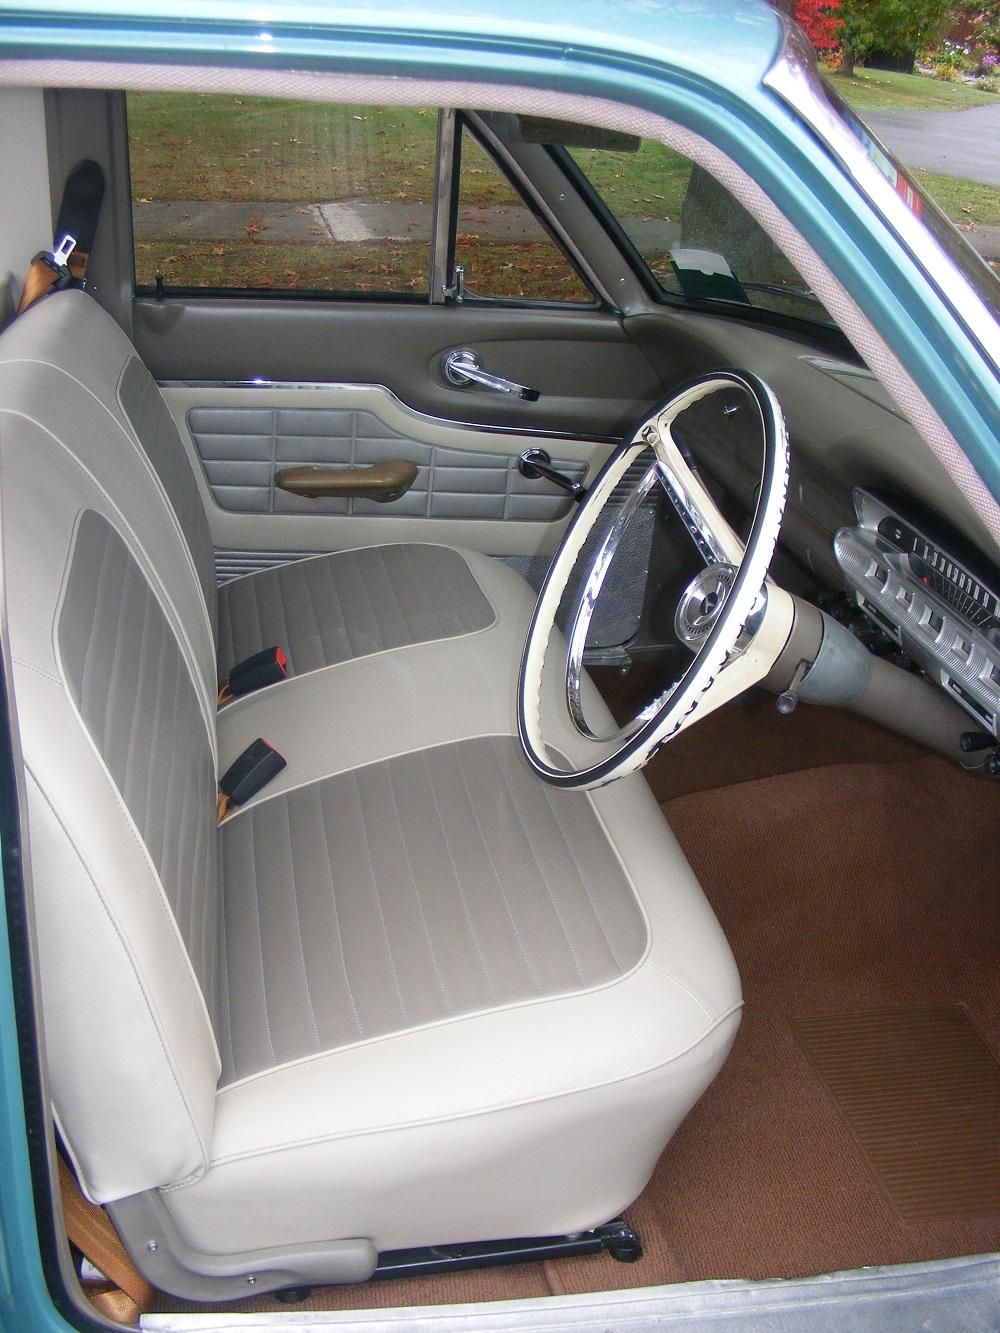 1964 Ford Falcon XM UTE